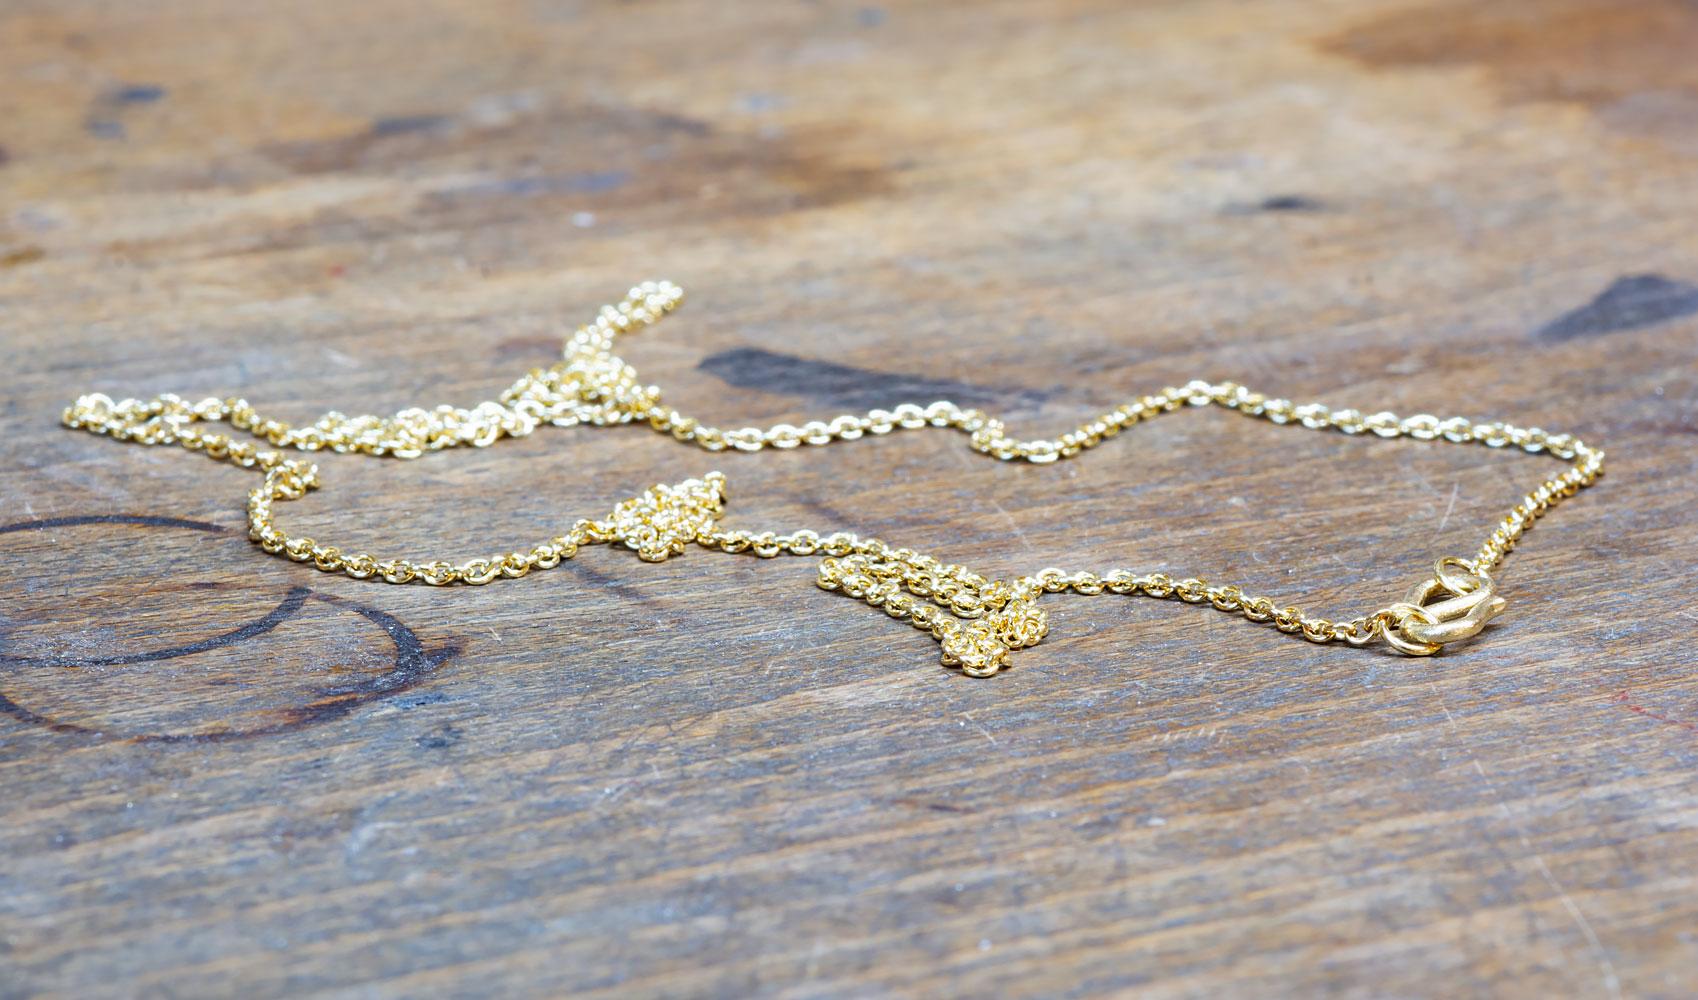 GOLDAFFAIRS - Kette aus Silber, goldplattiert